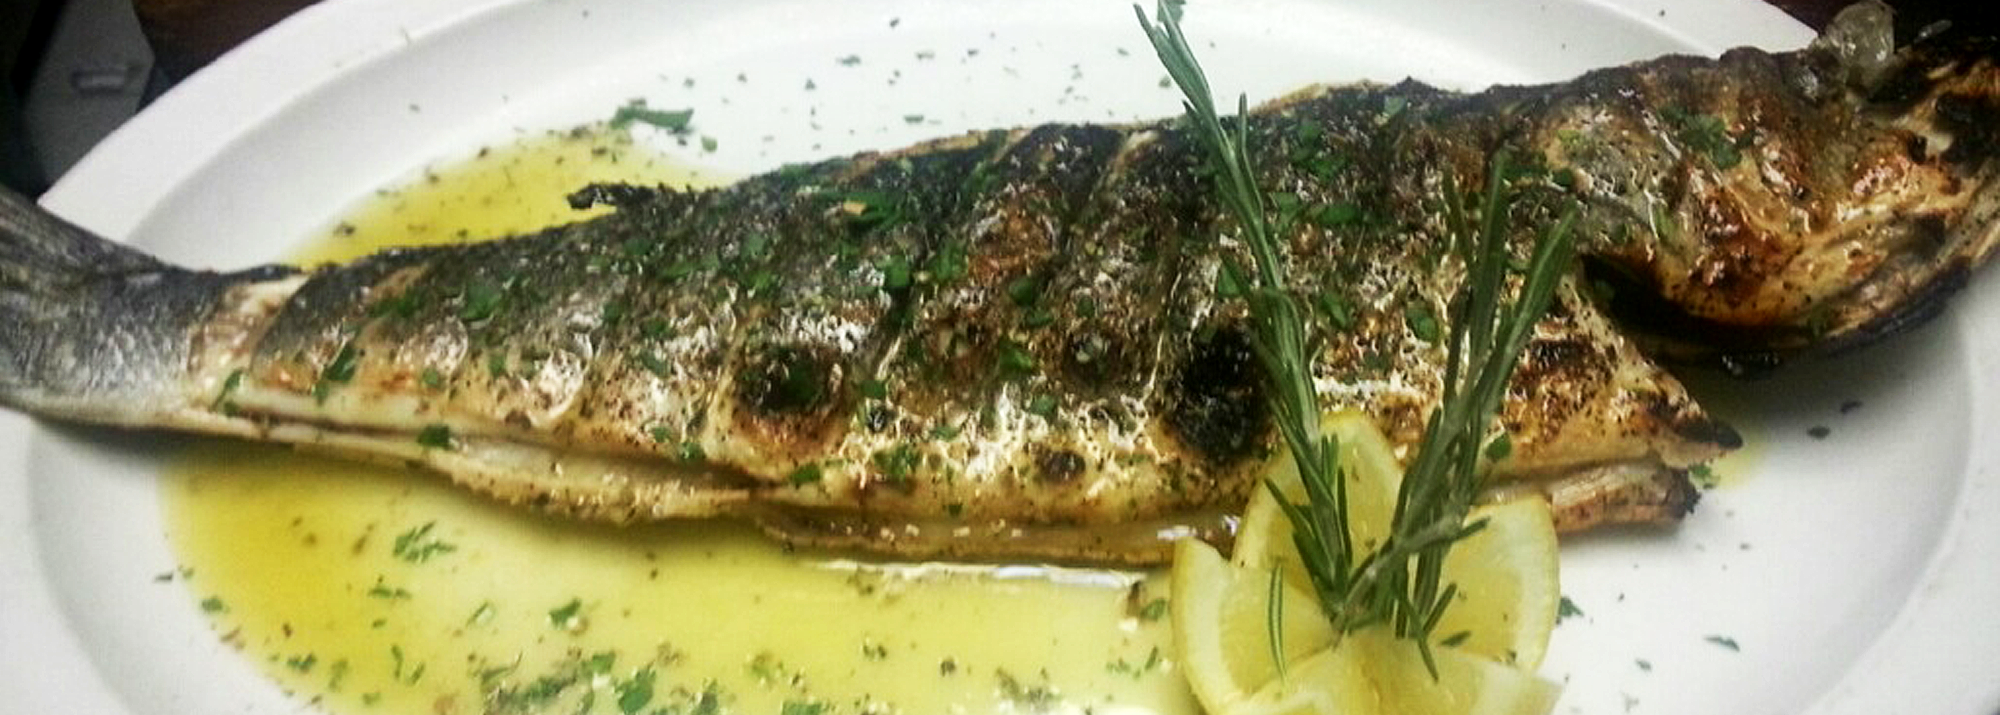 greek mediterranean restaurant littleneck queens long